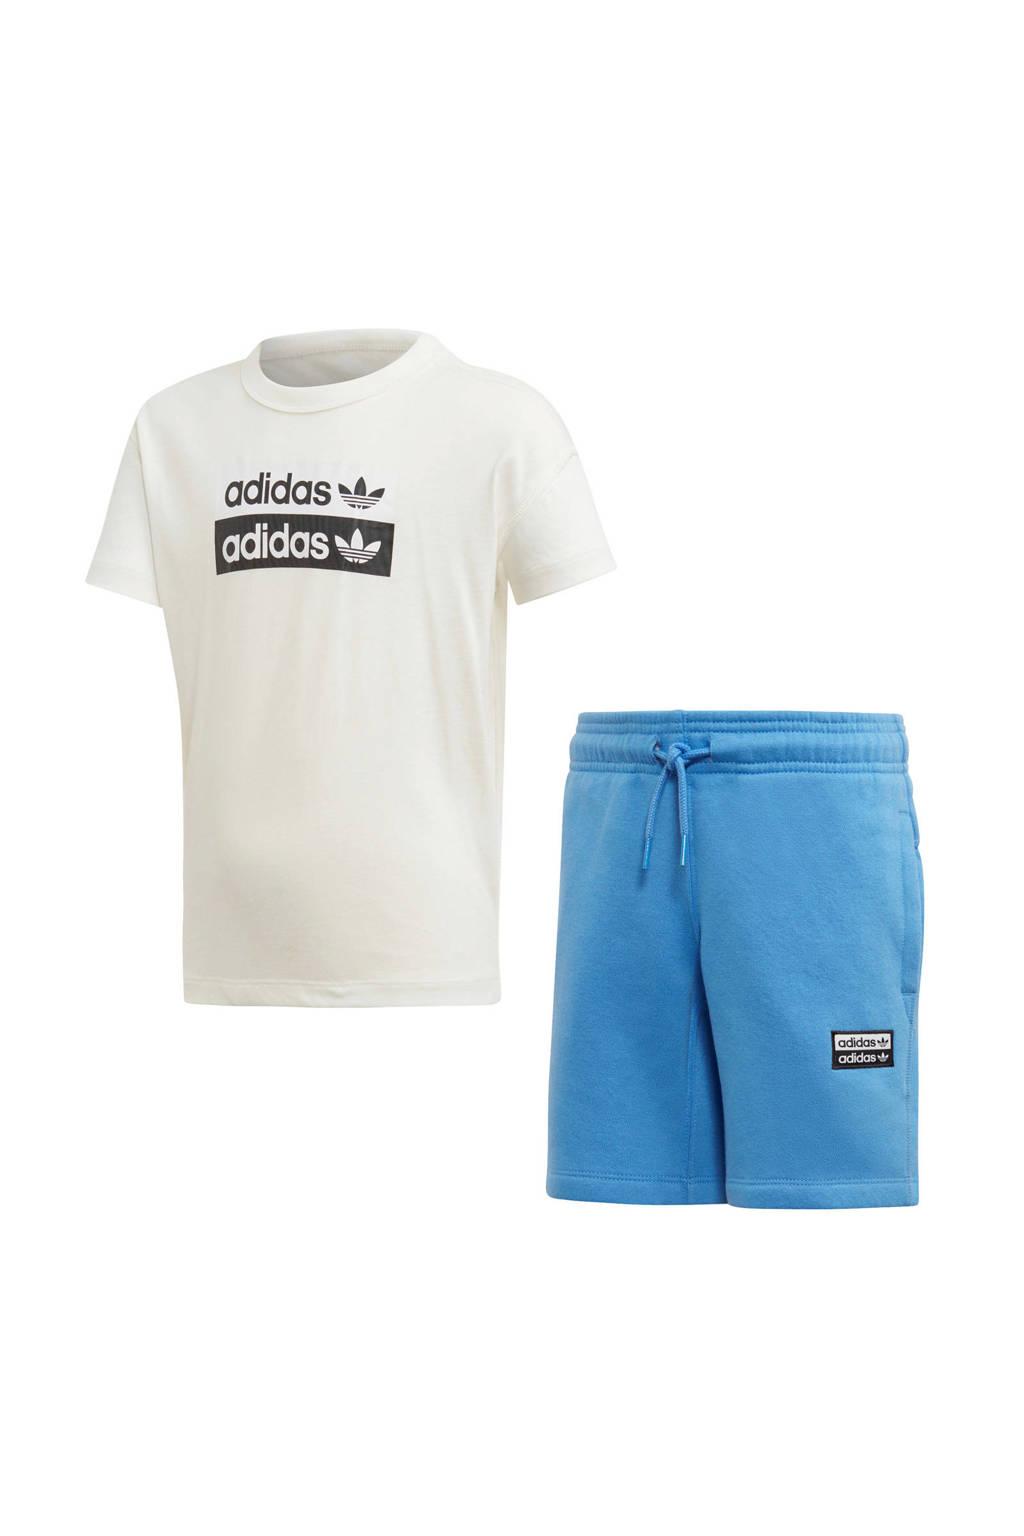 adidas originals   trainingspak wit/blauw, Wit/blauw